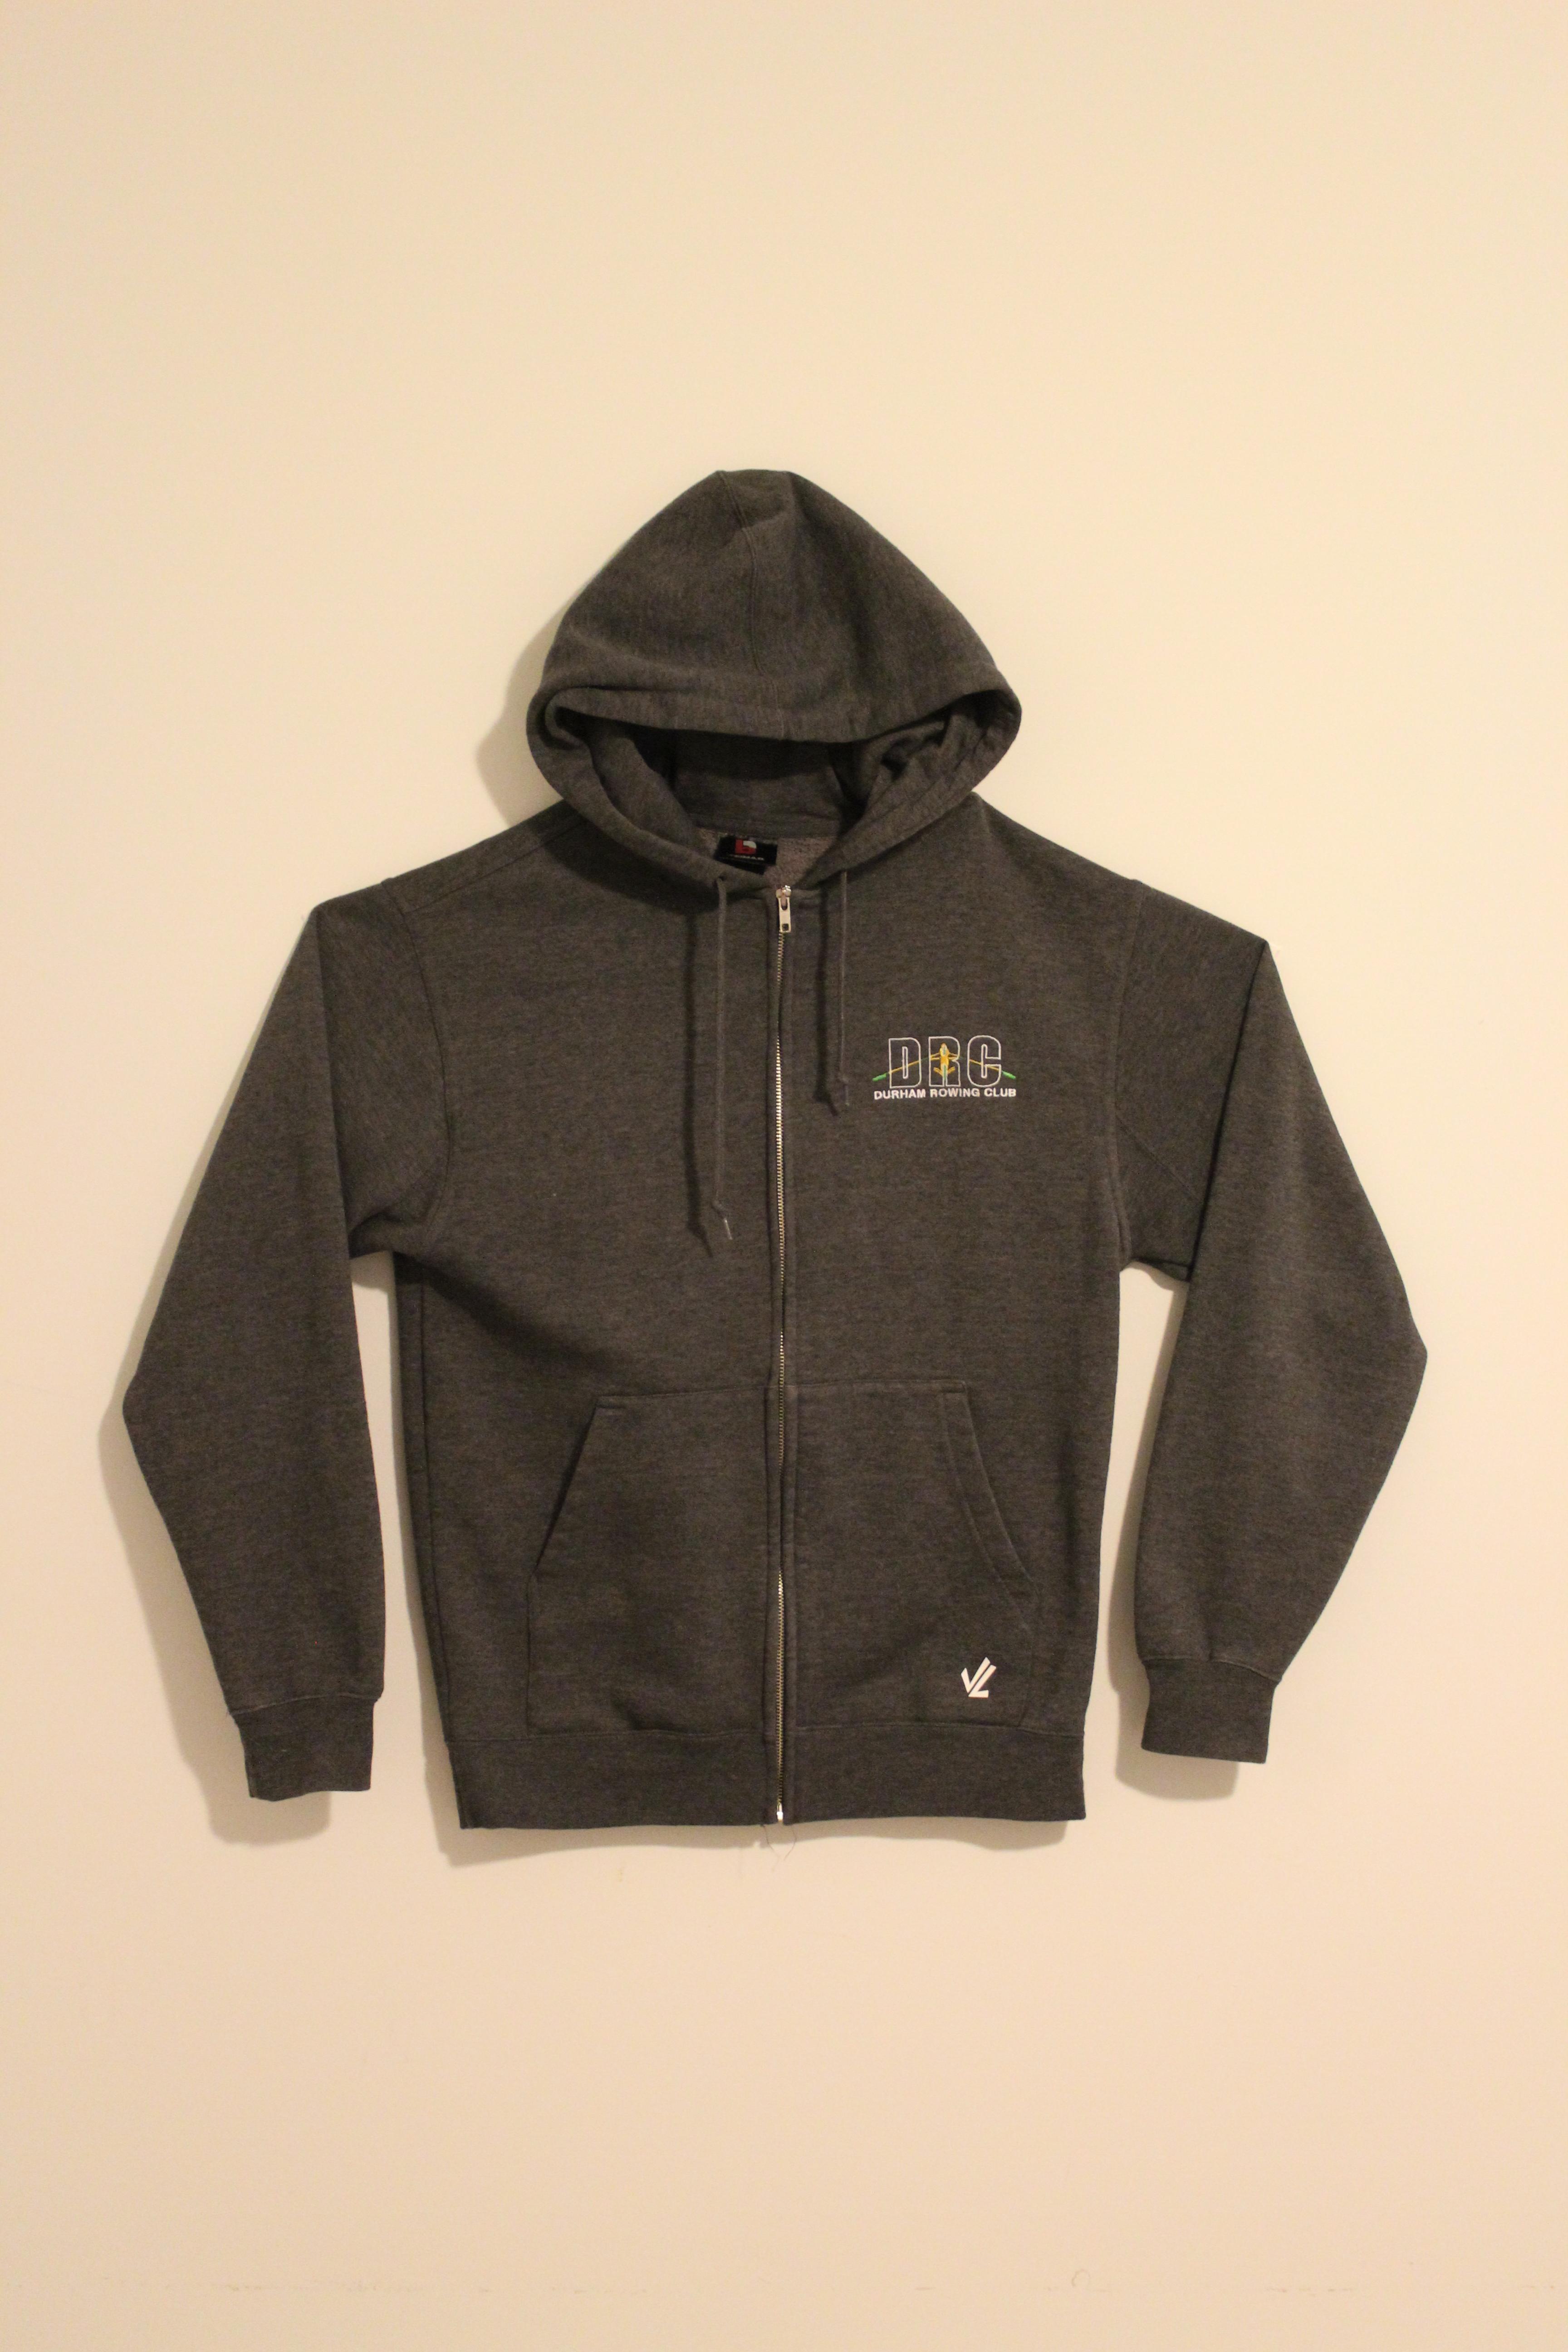 DRC Zip Sweatshirt